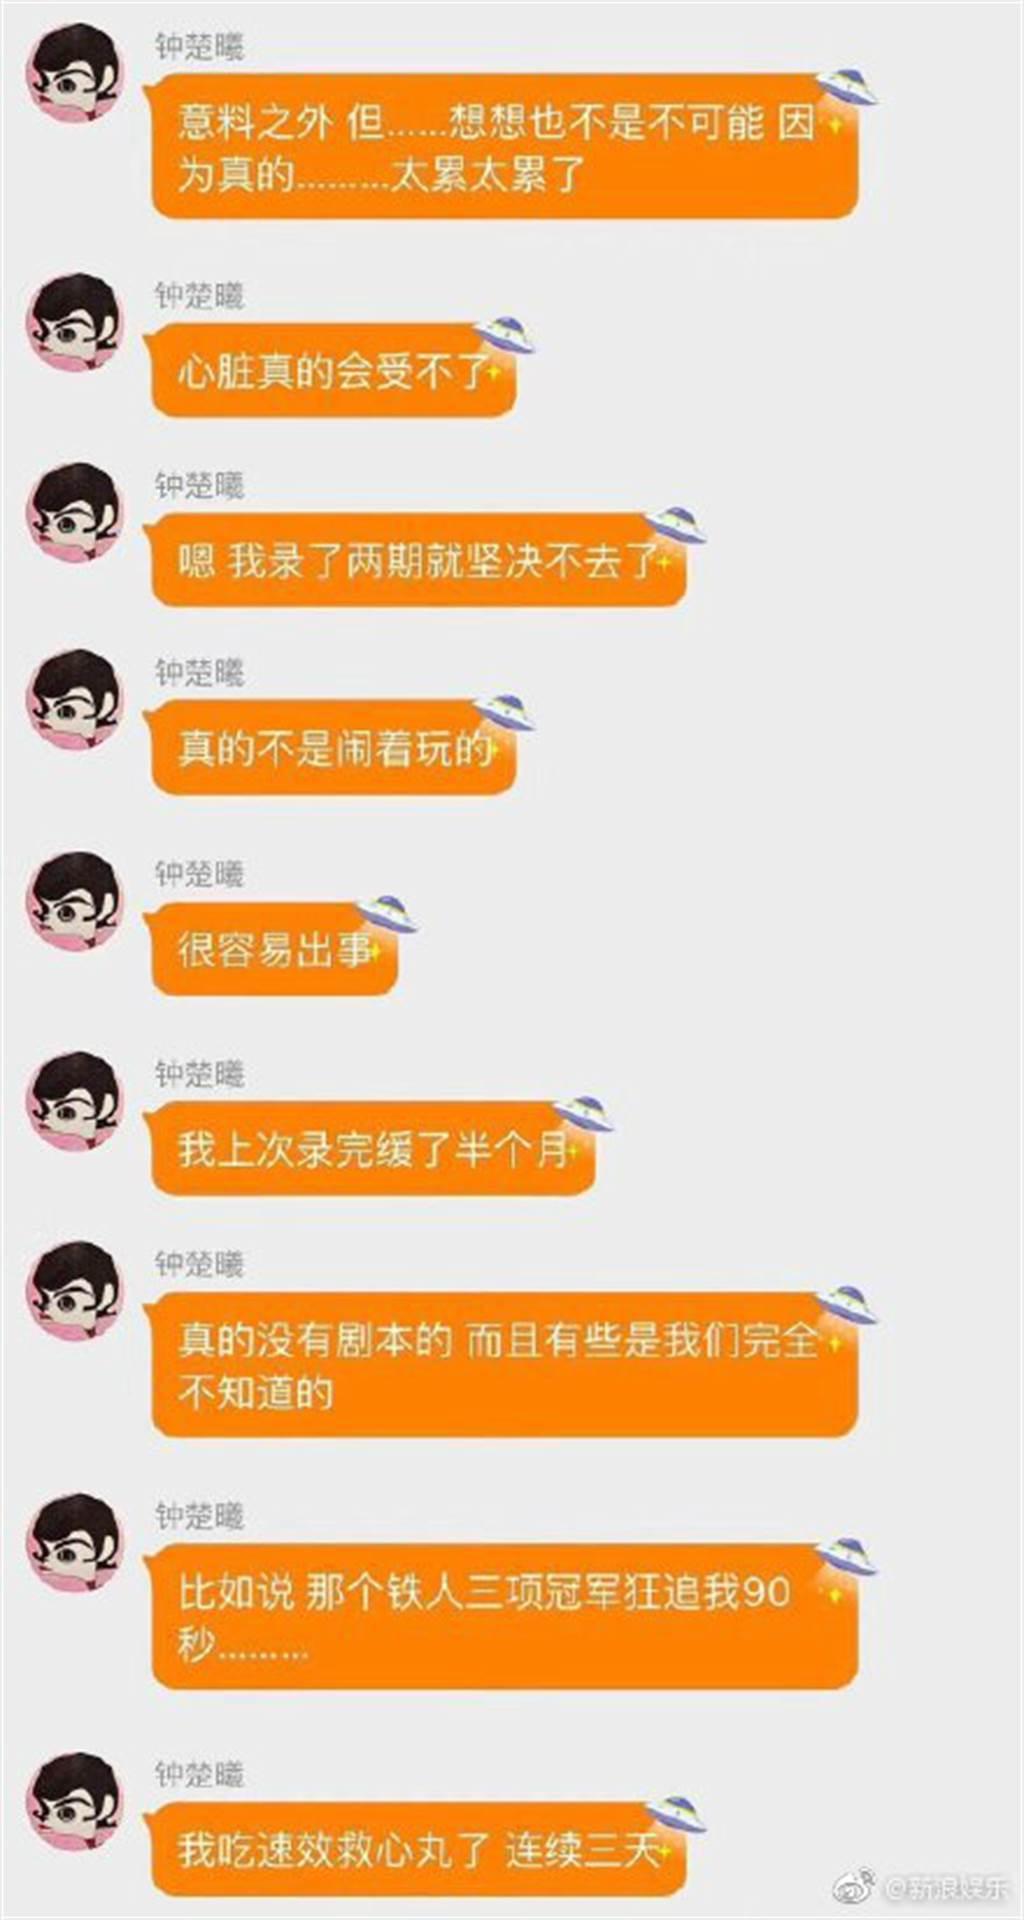 鍾楚曦透露錄製《追我吧》節目真的很累。(圖/翻攝自新浪娛樂)